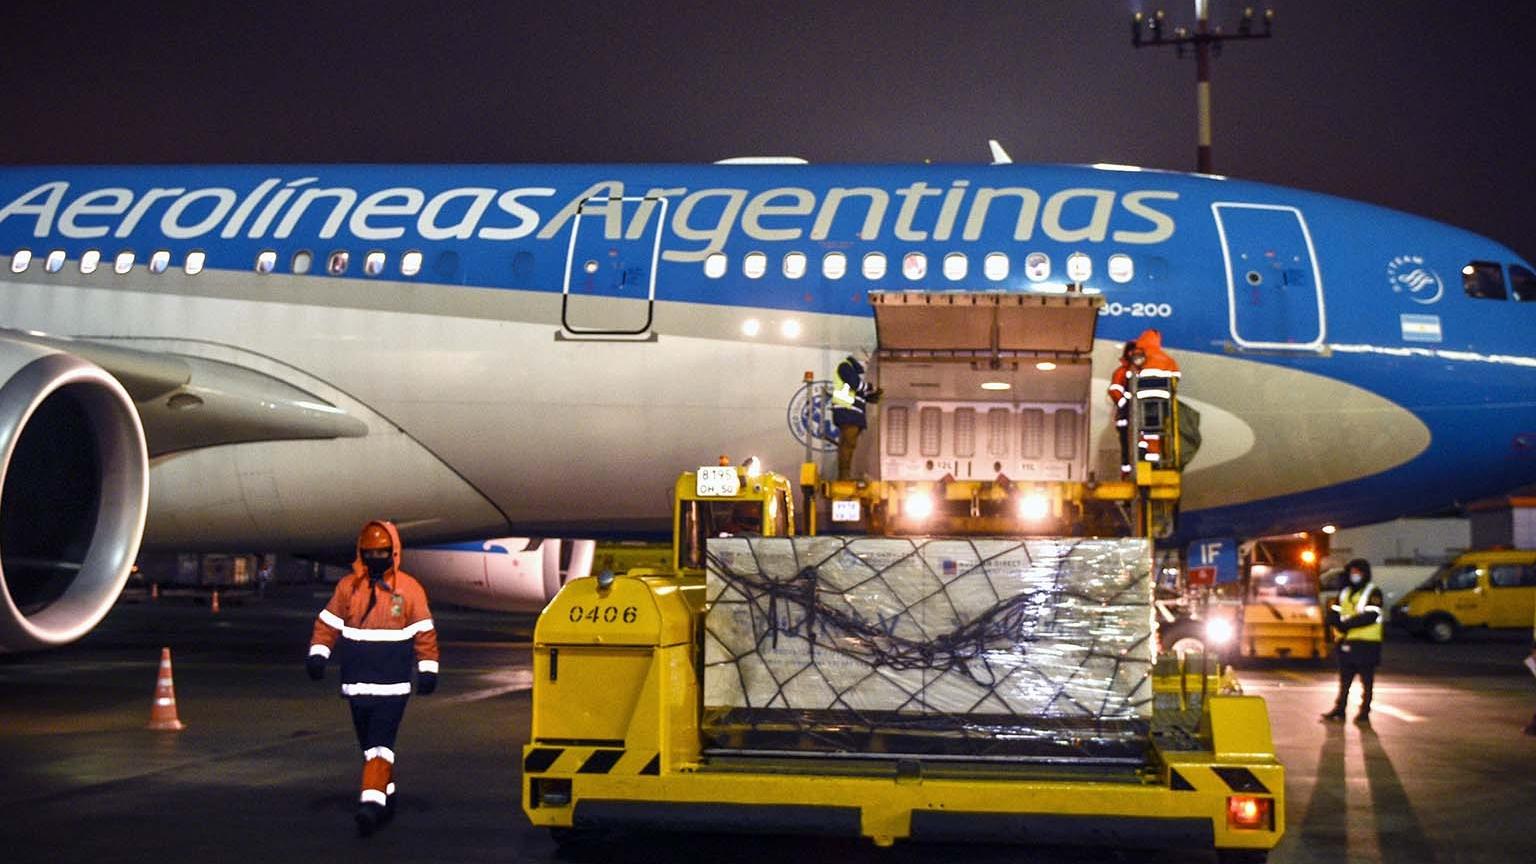 Dos nuevos vuelos de Aerolíneas Argentinas partieron anoche a Moscú para traer más vacunas Sputnik V